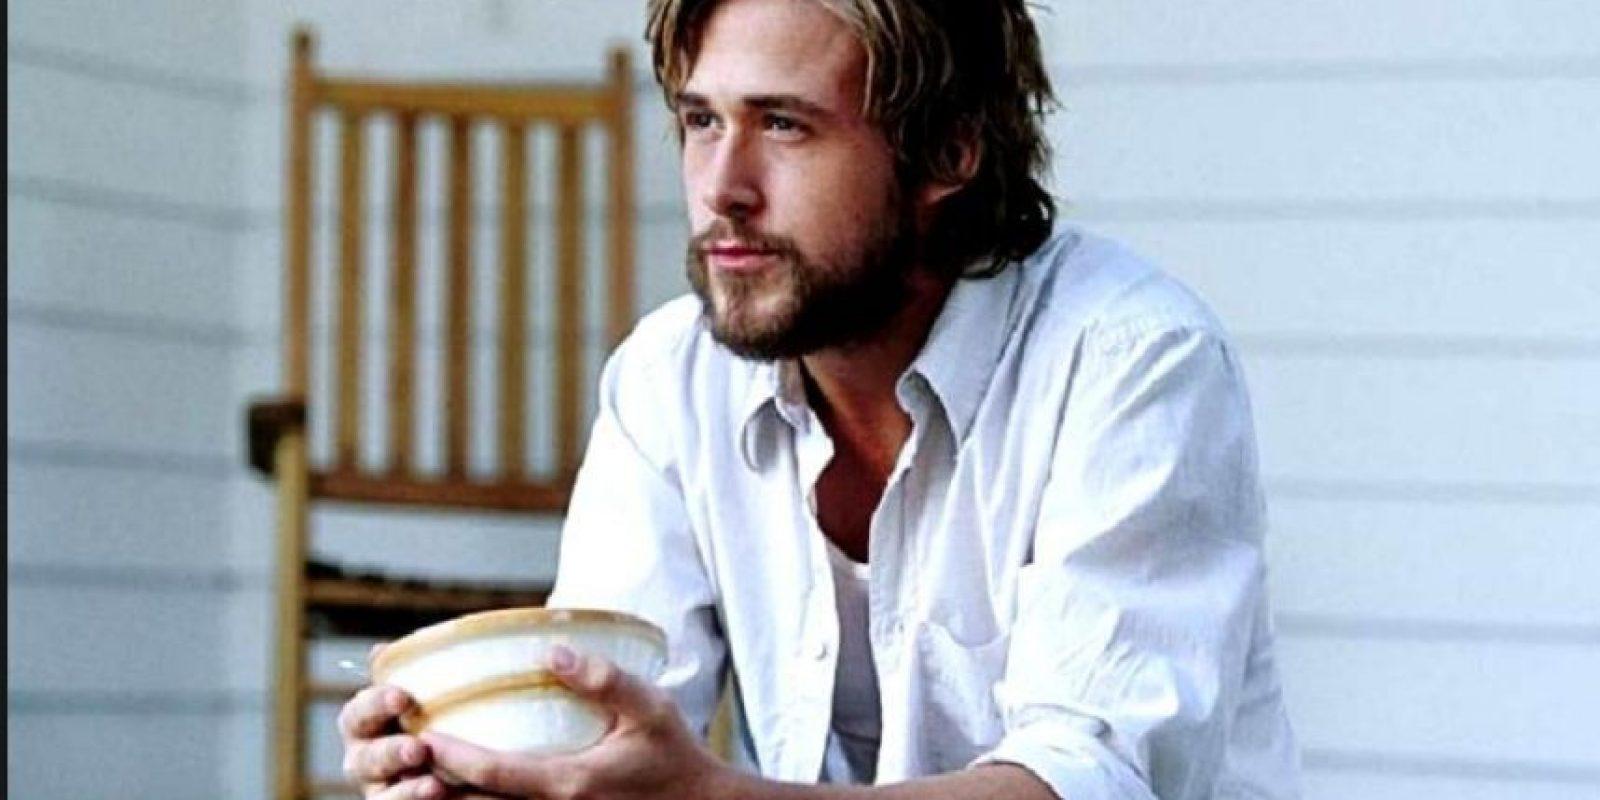 """Ryan Gosling, con su look en """"The Notebook"""" y posteriores apariciones, también lo es. Foto:Tumblr"""